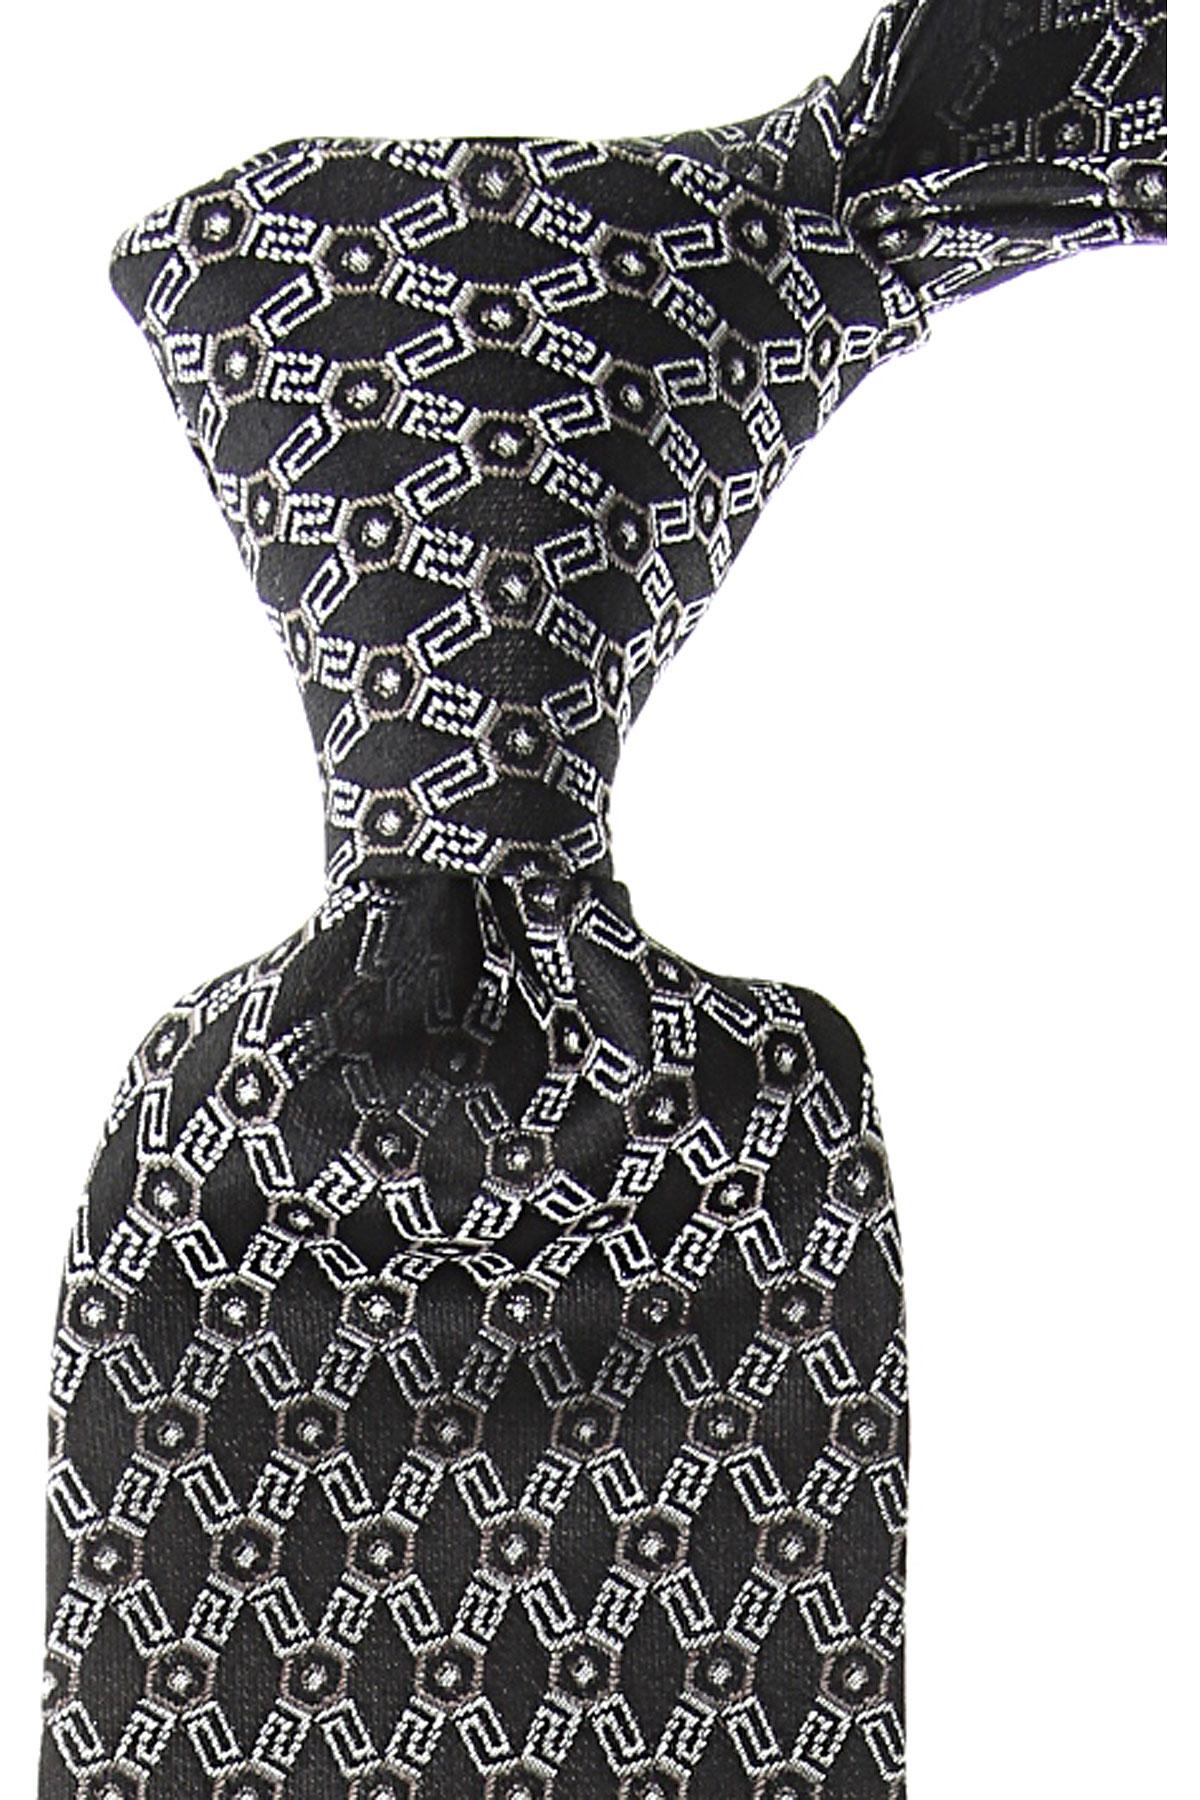 Gianni Versace Cravates Pas cher en Soldes, Ébène, Soie, 2021